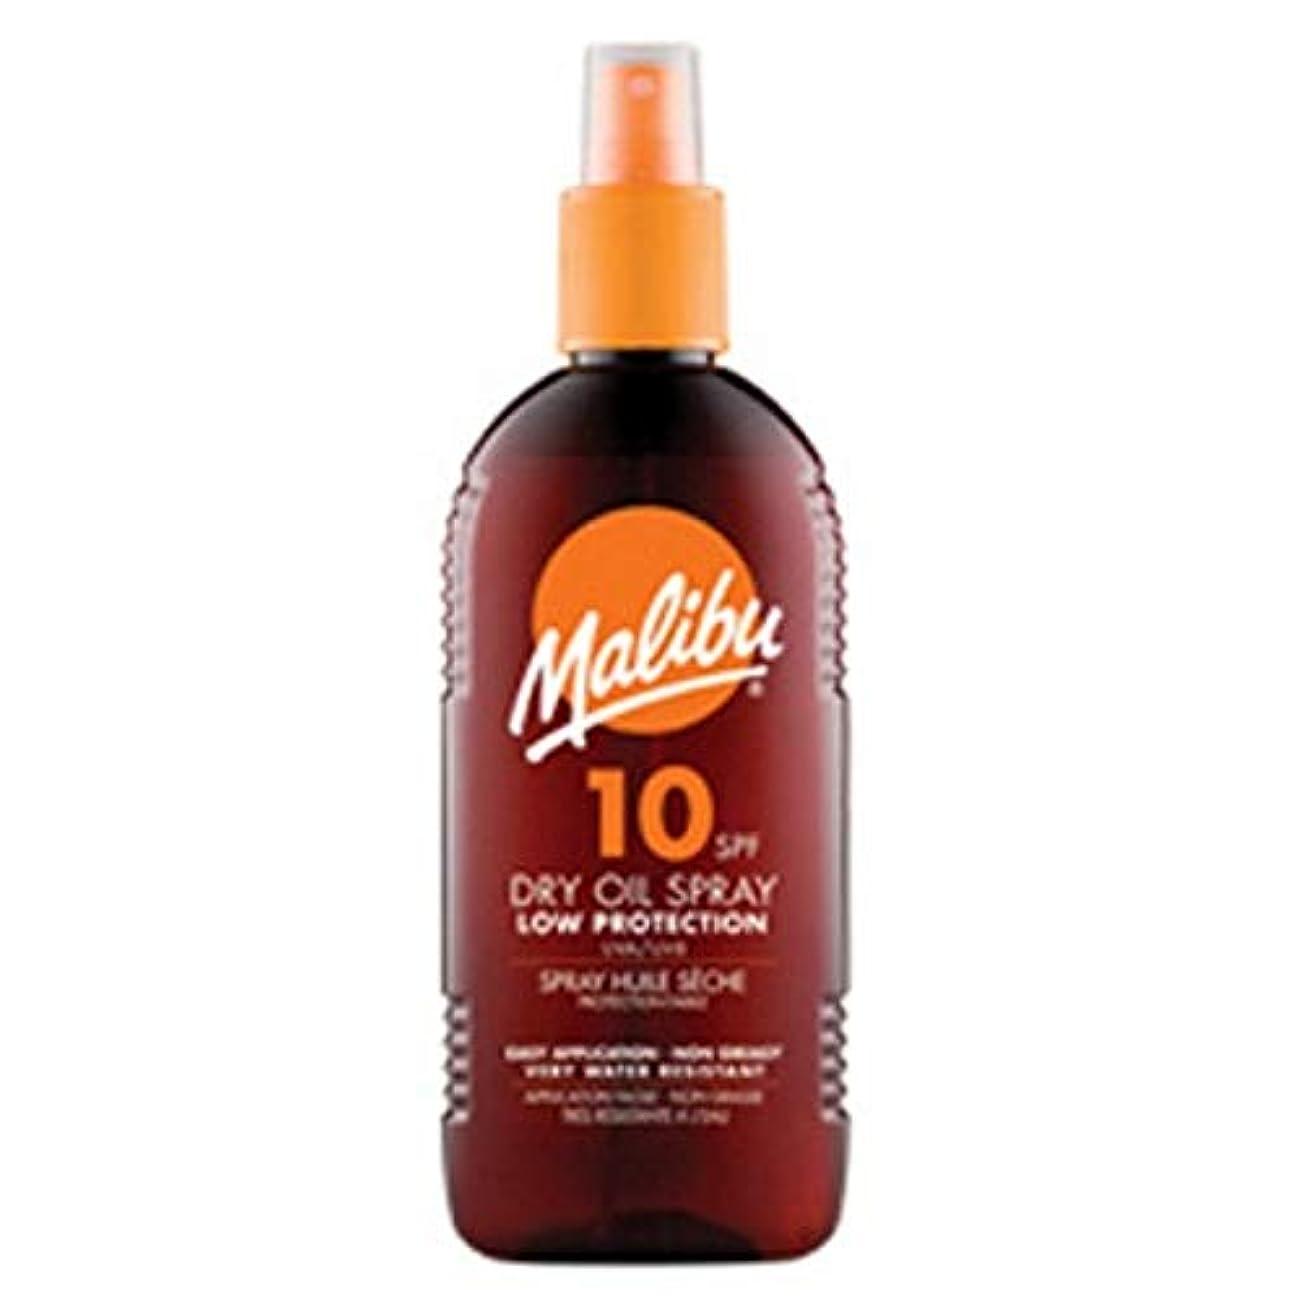 チャペルブースト有名な[Malibu ] マリブドライオイルスプレーSpf 10の200ミリリットル - Malibu Dry Oil Spray SPF 10 200ml [並行輸入品]